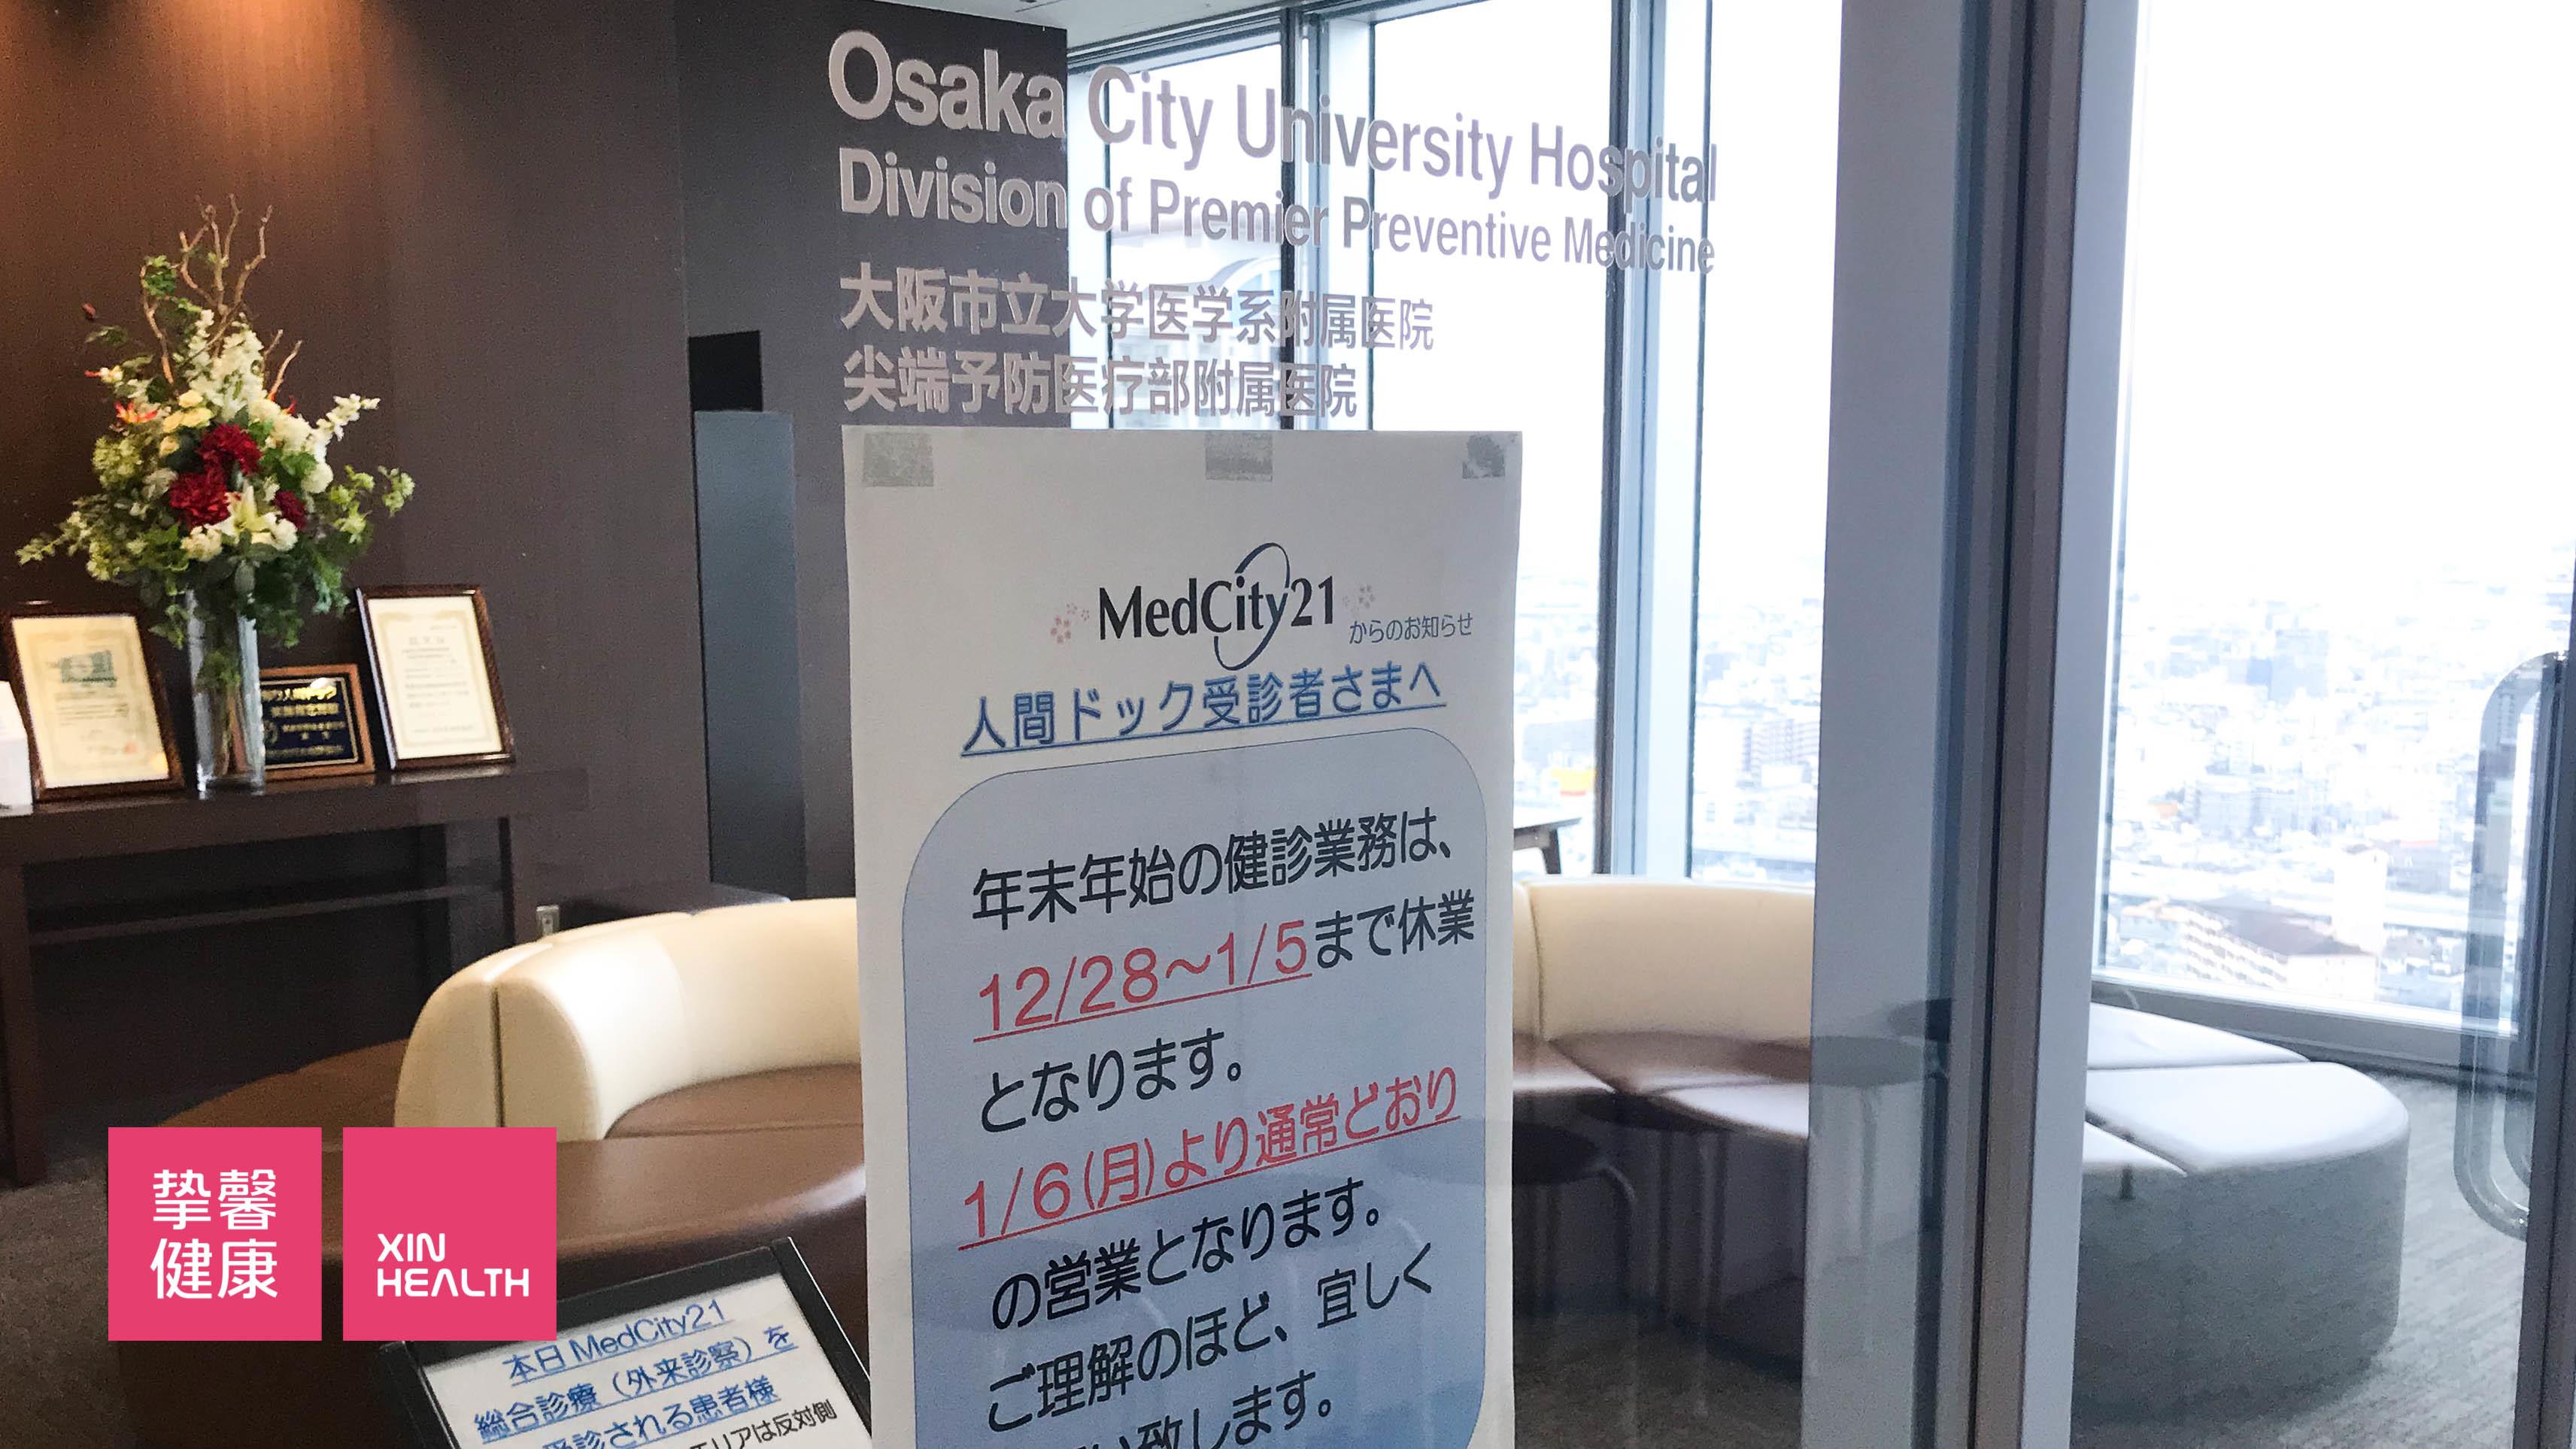 哪家日本体检医院适合体检?